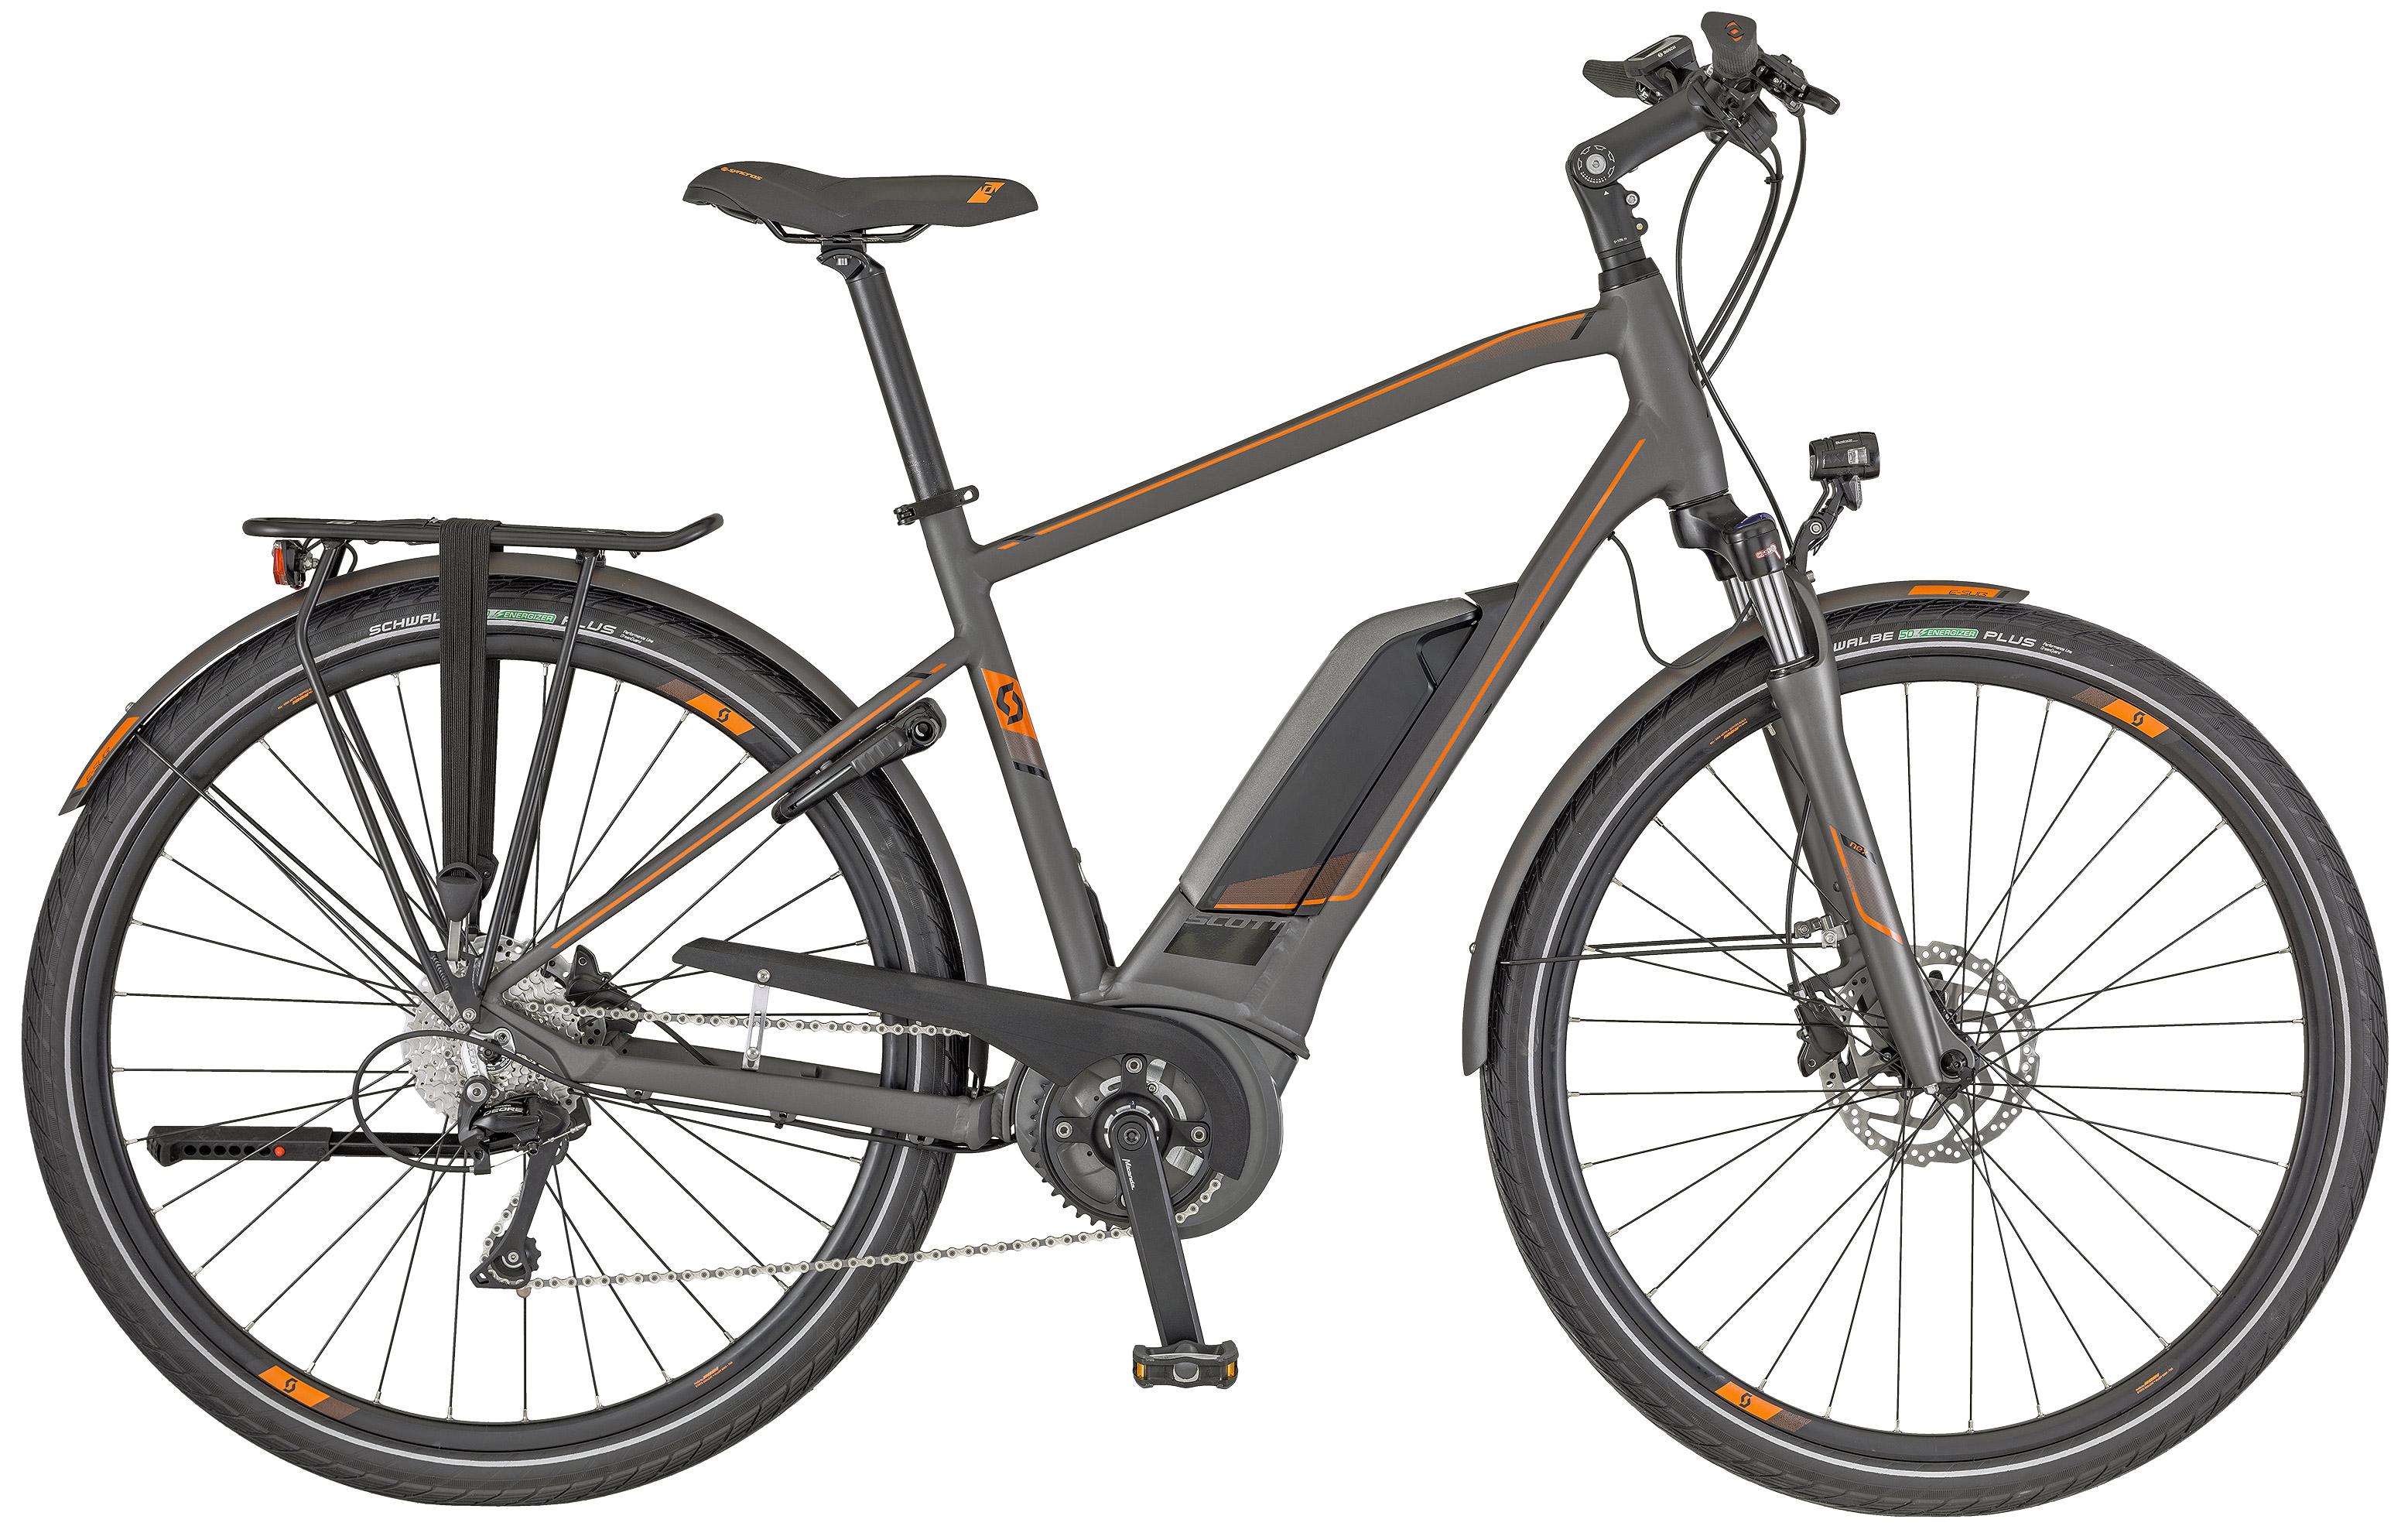 Scott E-Sub Tour Men, Modell 2018 - Bike-3, der Scott Fahrrad Spezial